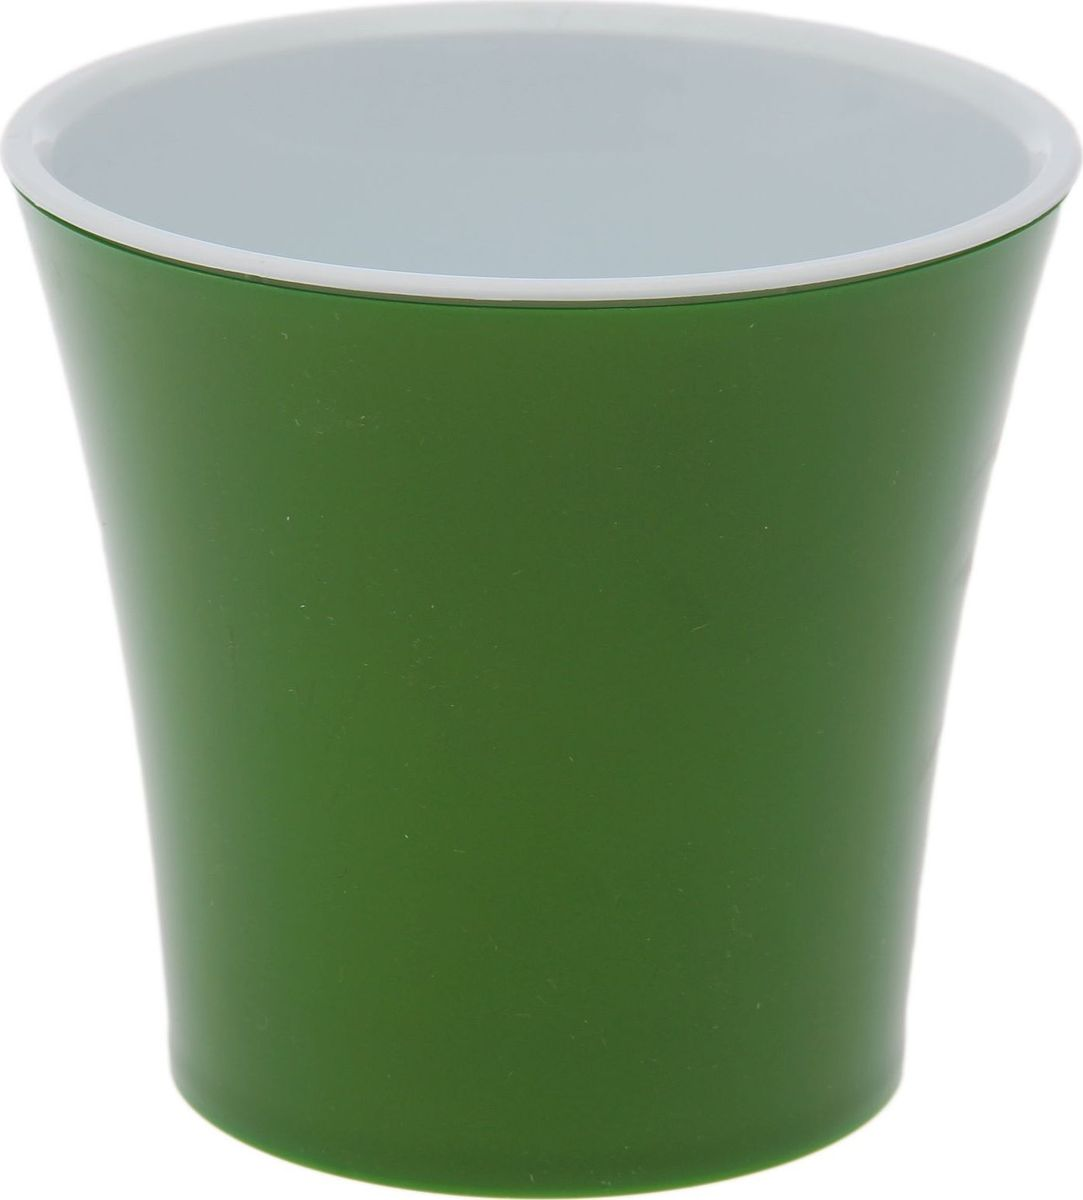 Горшок для цветов Santino Арте, цвет: зеленый, белый, 0,6 л1510707Горшок Santino Арте, выполненный из высококачественного пластика, предназначен для выращивания комнатных цветов, растений и трав. Специальная конструкция обеспечивает вентиляцию в корневой системе растения, а дренажные отверстия позволяют выходить лишней влаге из почвы. Такой горшок порадует вас современным дизайном и функциональностью, а также оригинально украсит интерьер любого помещения. Размеры внутреннего вкладыша - высота 10 см, верхний диаметр - 11 см, нижний - 8 см.